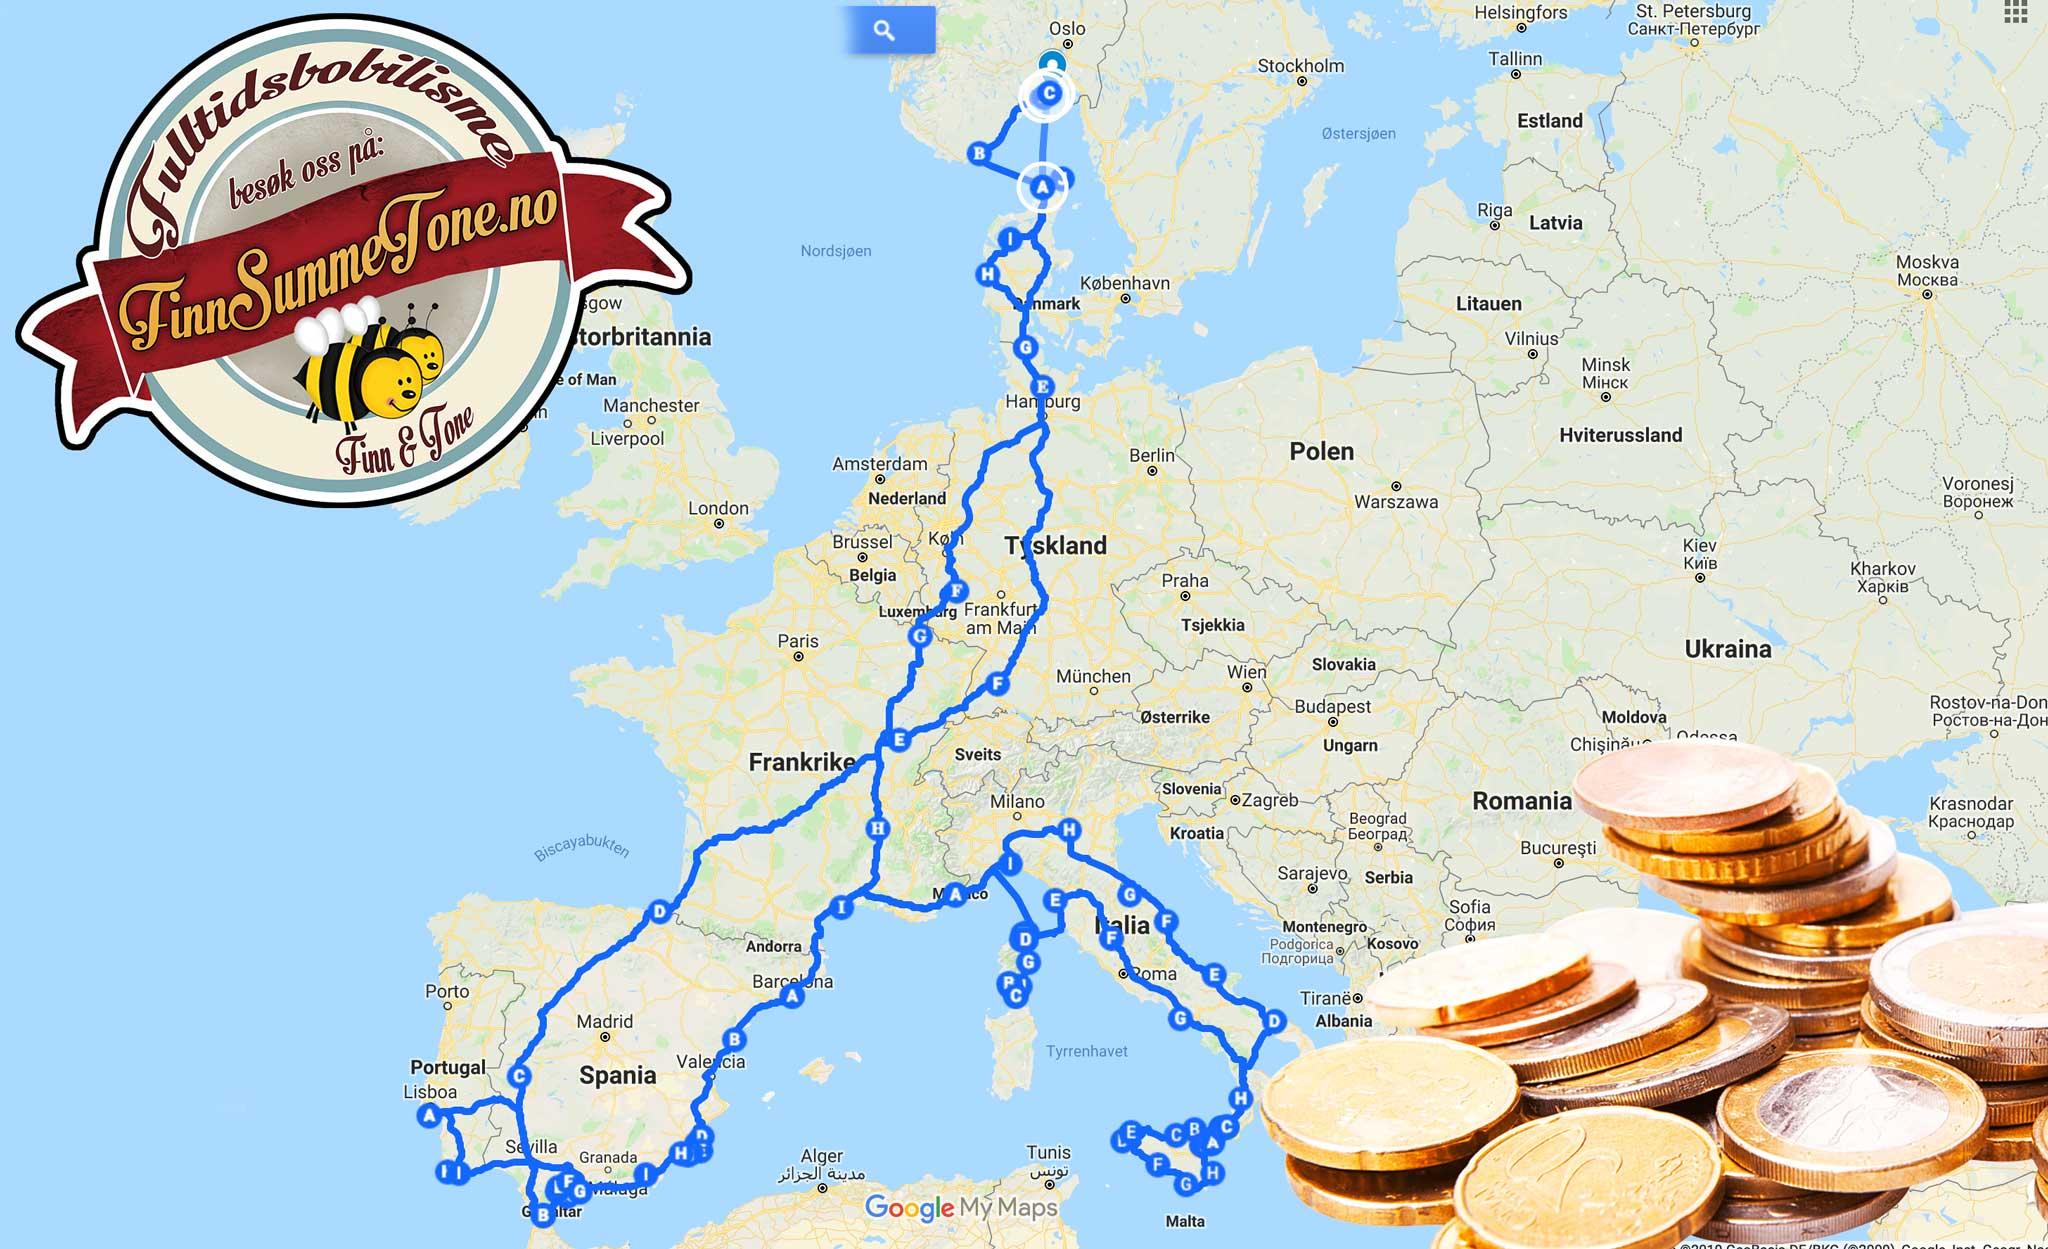 6 Maneder 16 000 Km I Europa Med Bobil Kostnader Finnsummetone